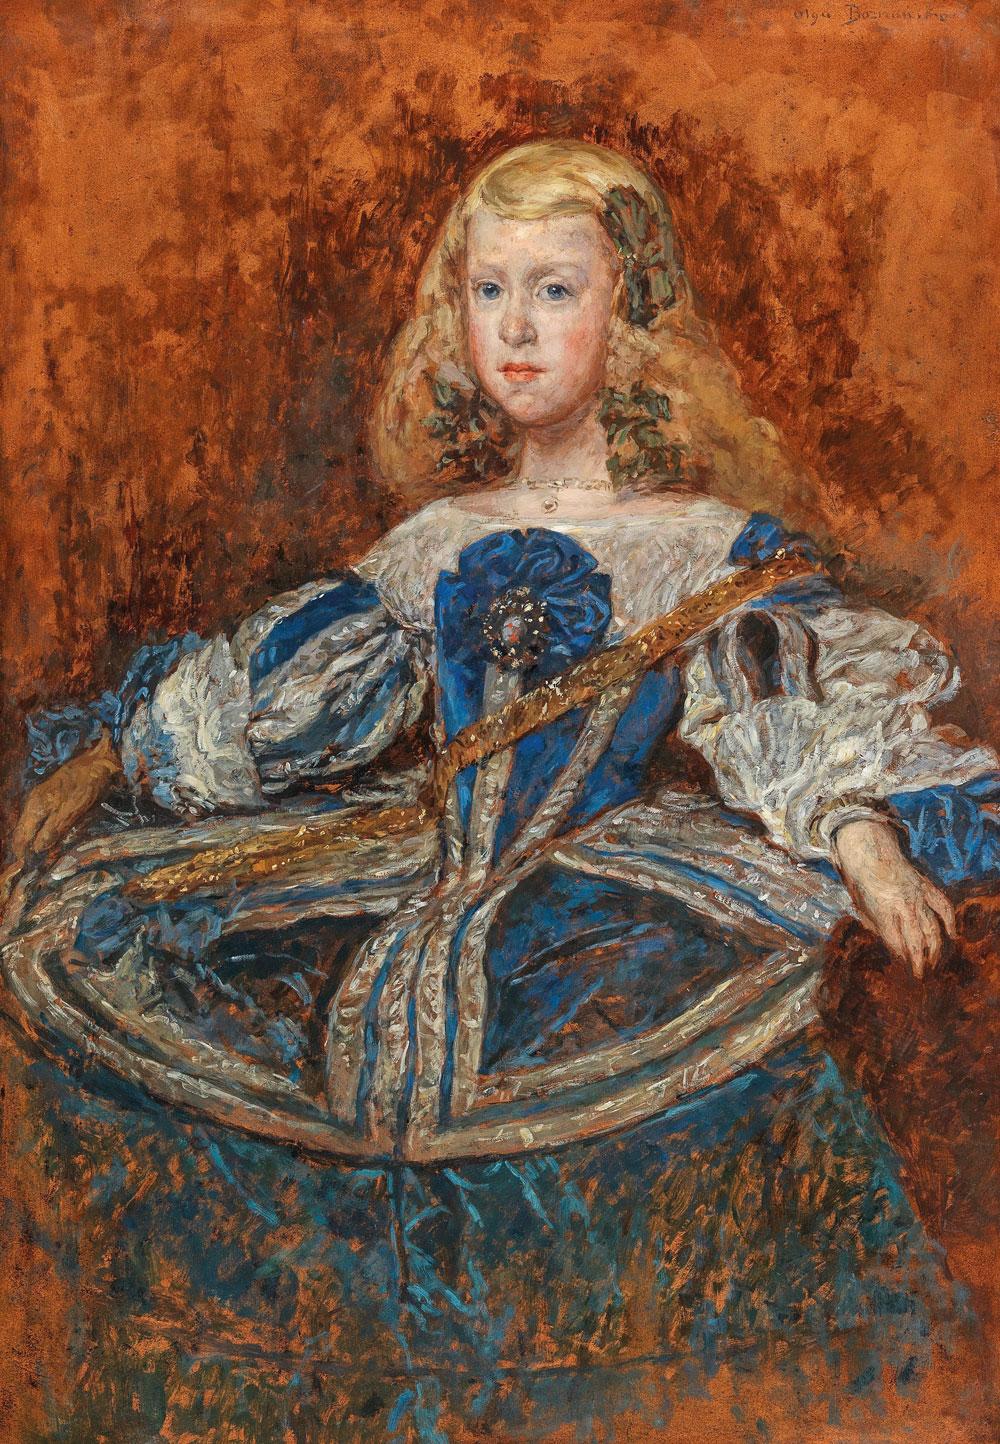 """Olga Boznańska (1865-1940) """"Infantka Małgorzata Teresa Habsburżanka"""", źródło: Dorotheum"""